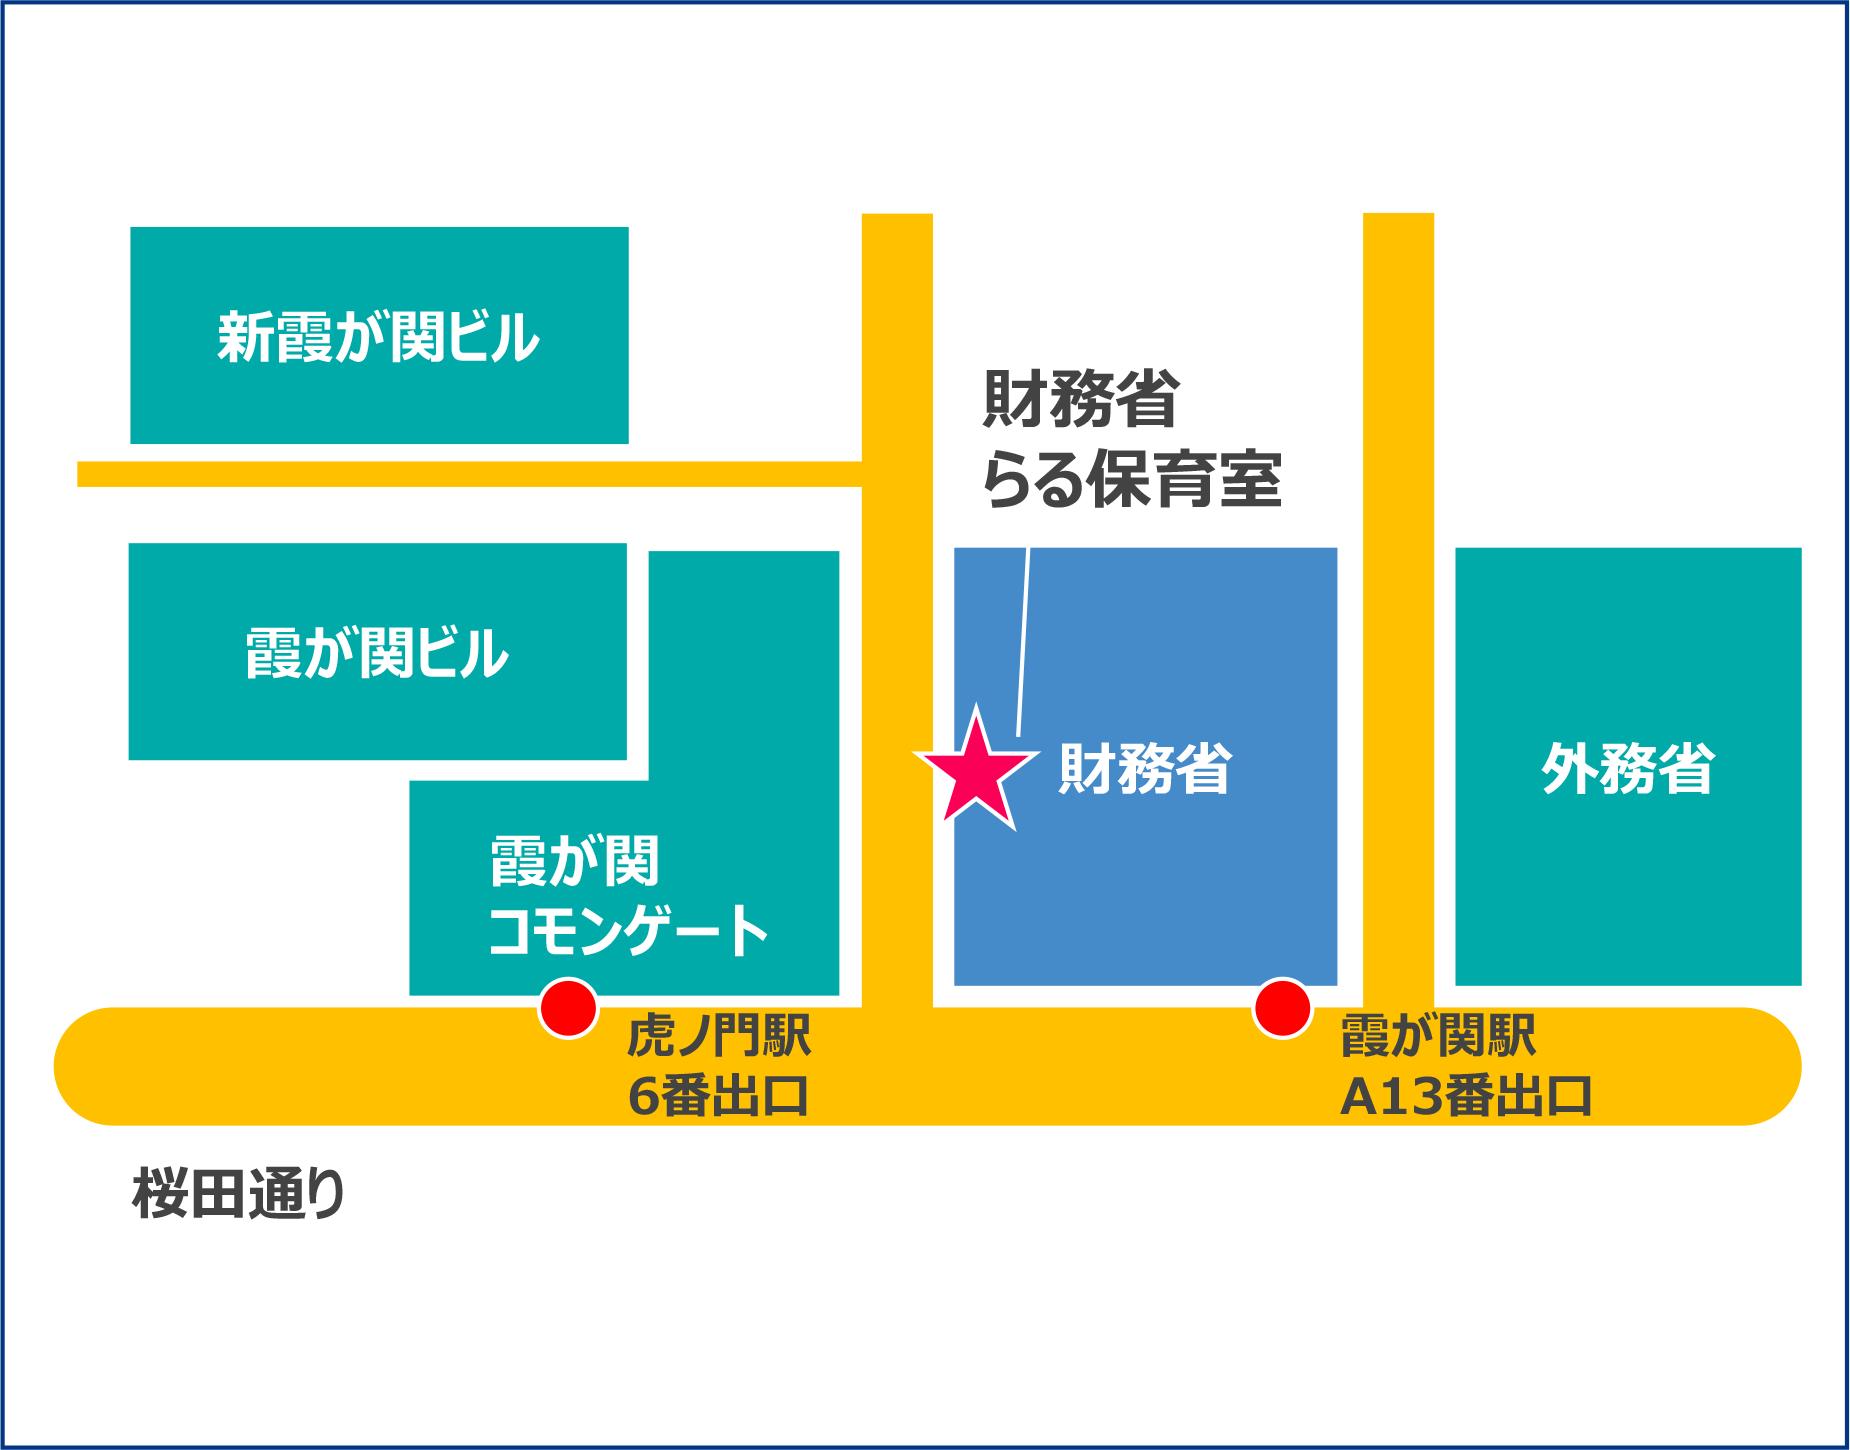 財務省らる保育室の地図